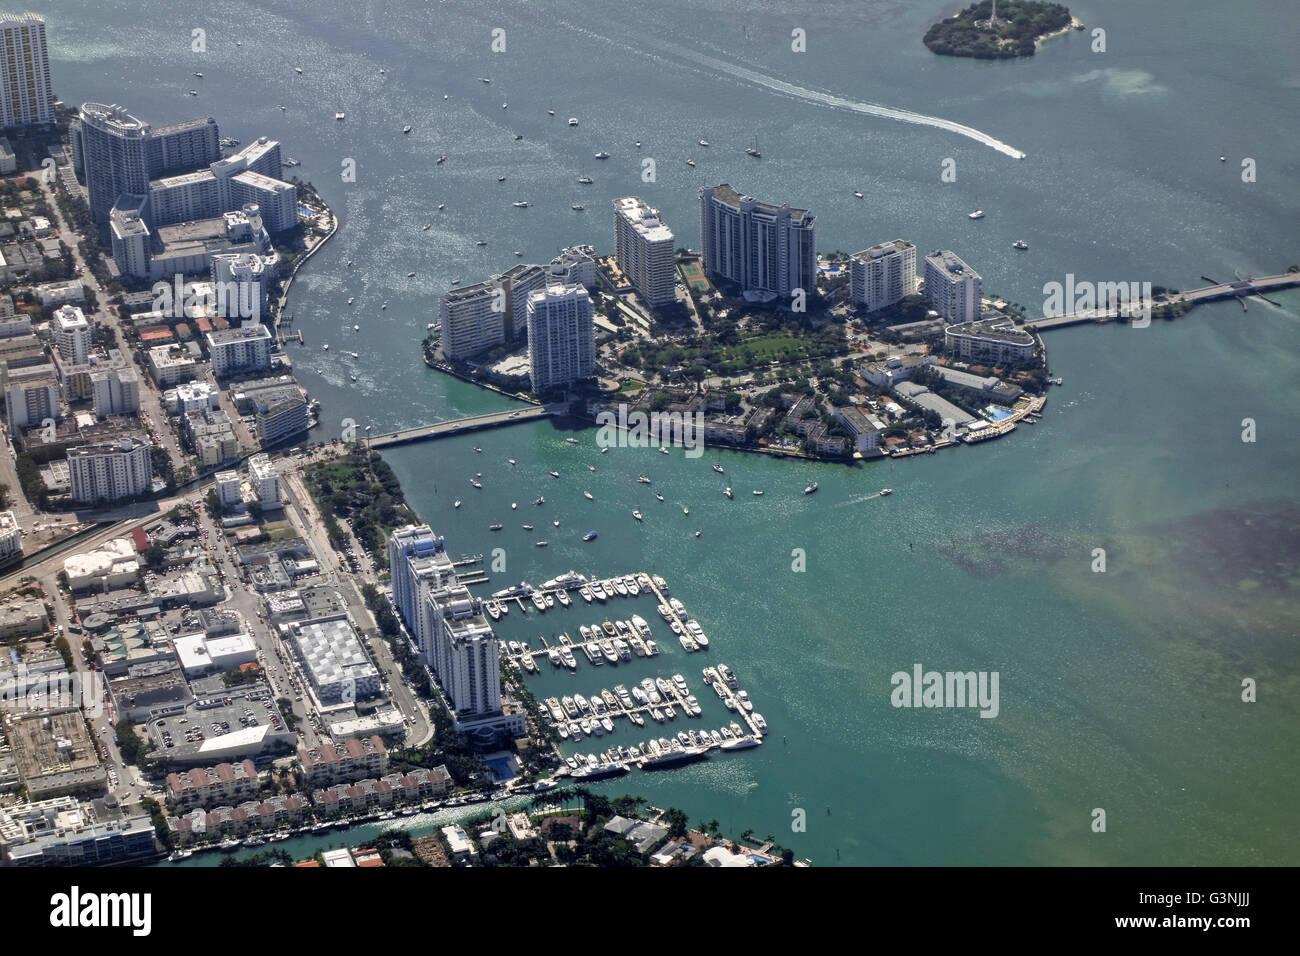 Aerial view, Belle Isle, Miami, Florida, USA - Stock Image